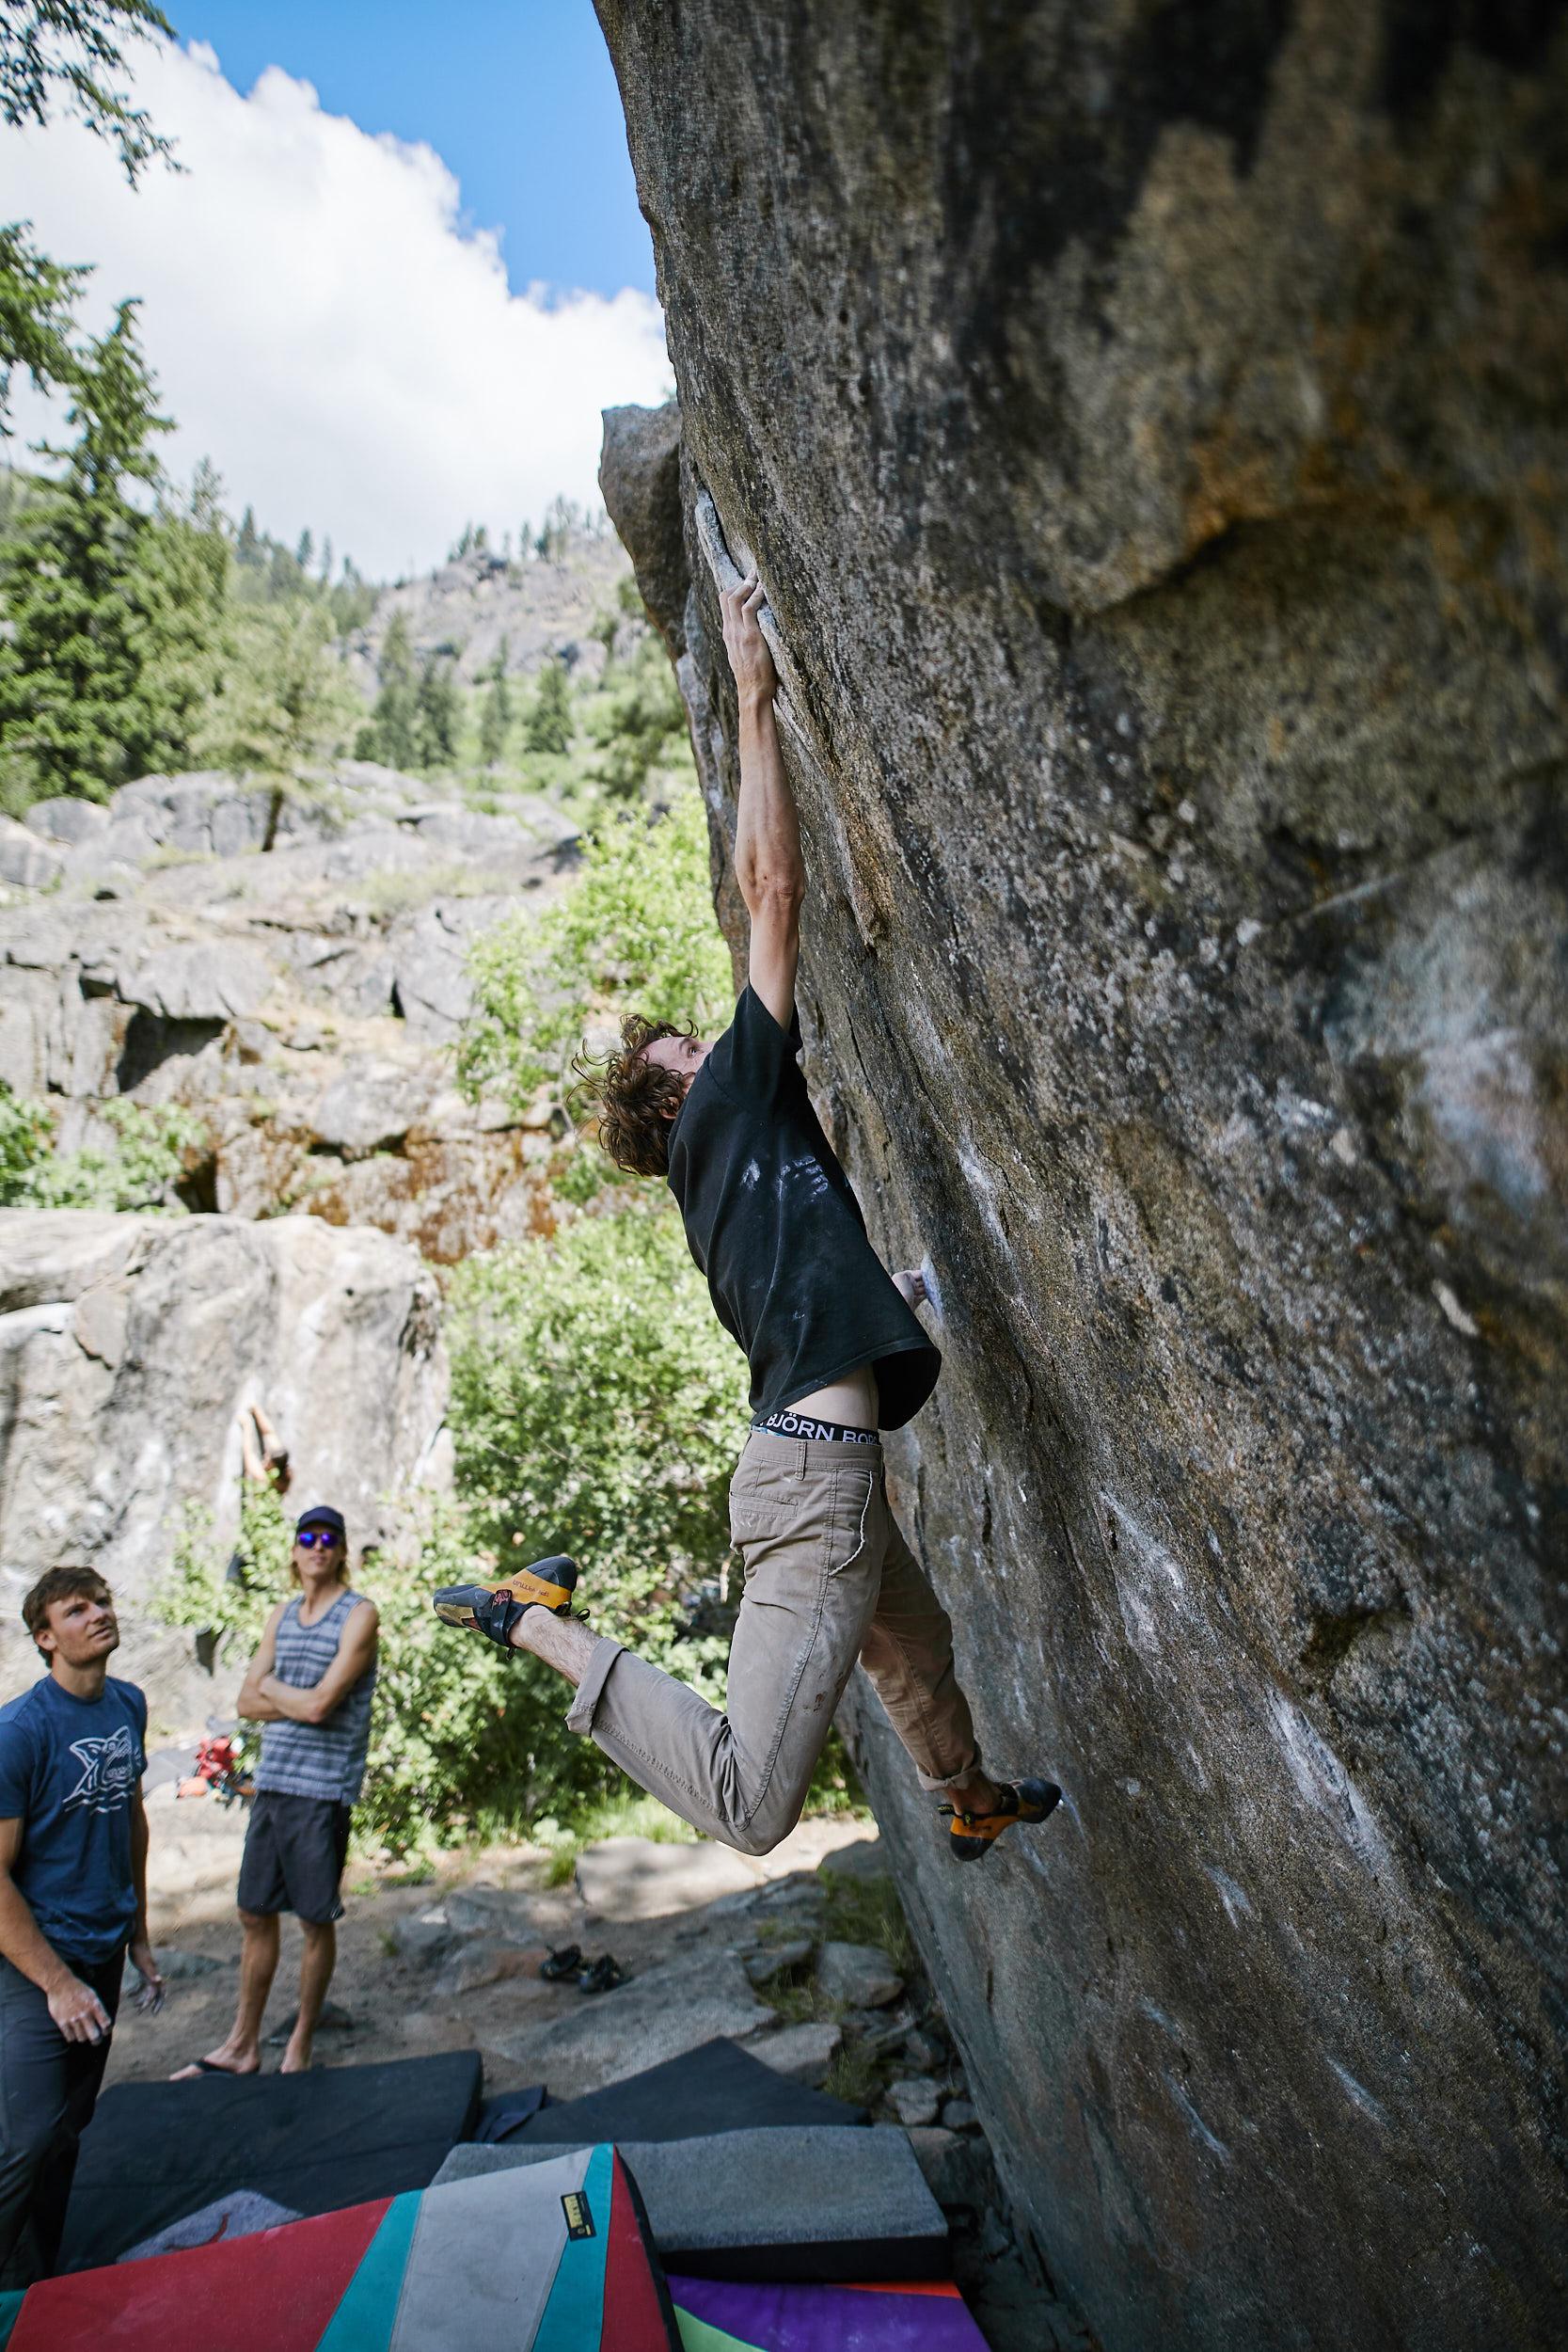 Bouldering in Leavenworth 25.jpg